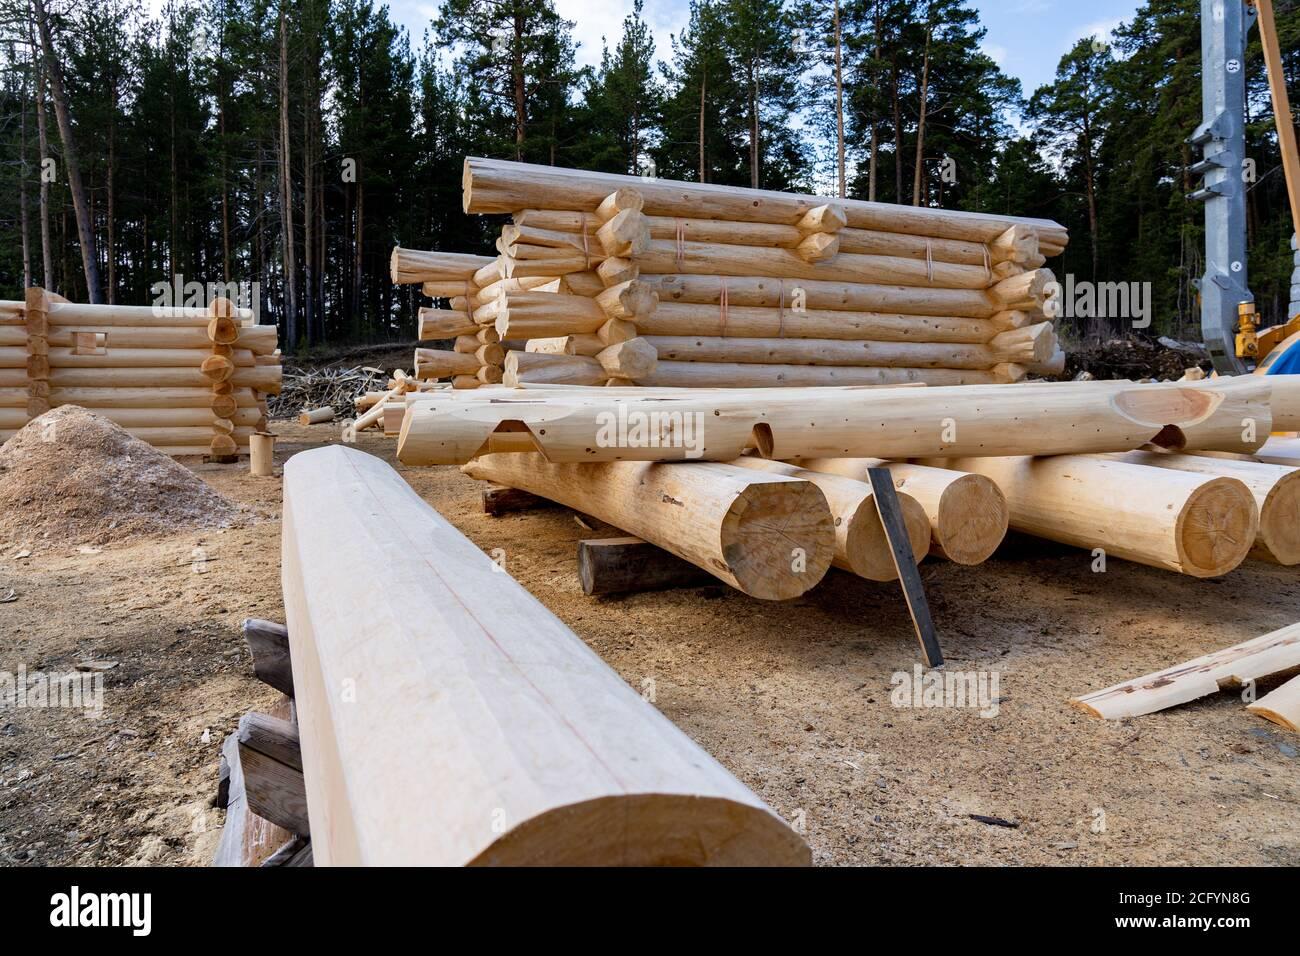 Construire une maison à partir de journaux. Préparation des journaux pour l'assemblage de la structure. Assemblage d'une maison en bois à une base de construction Banque D'Images